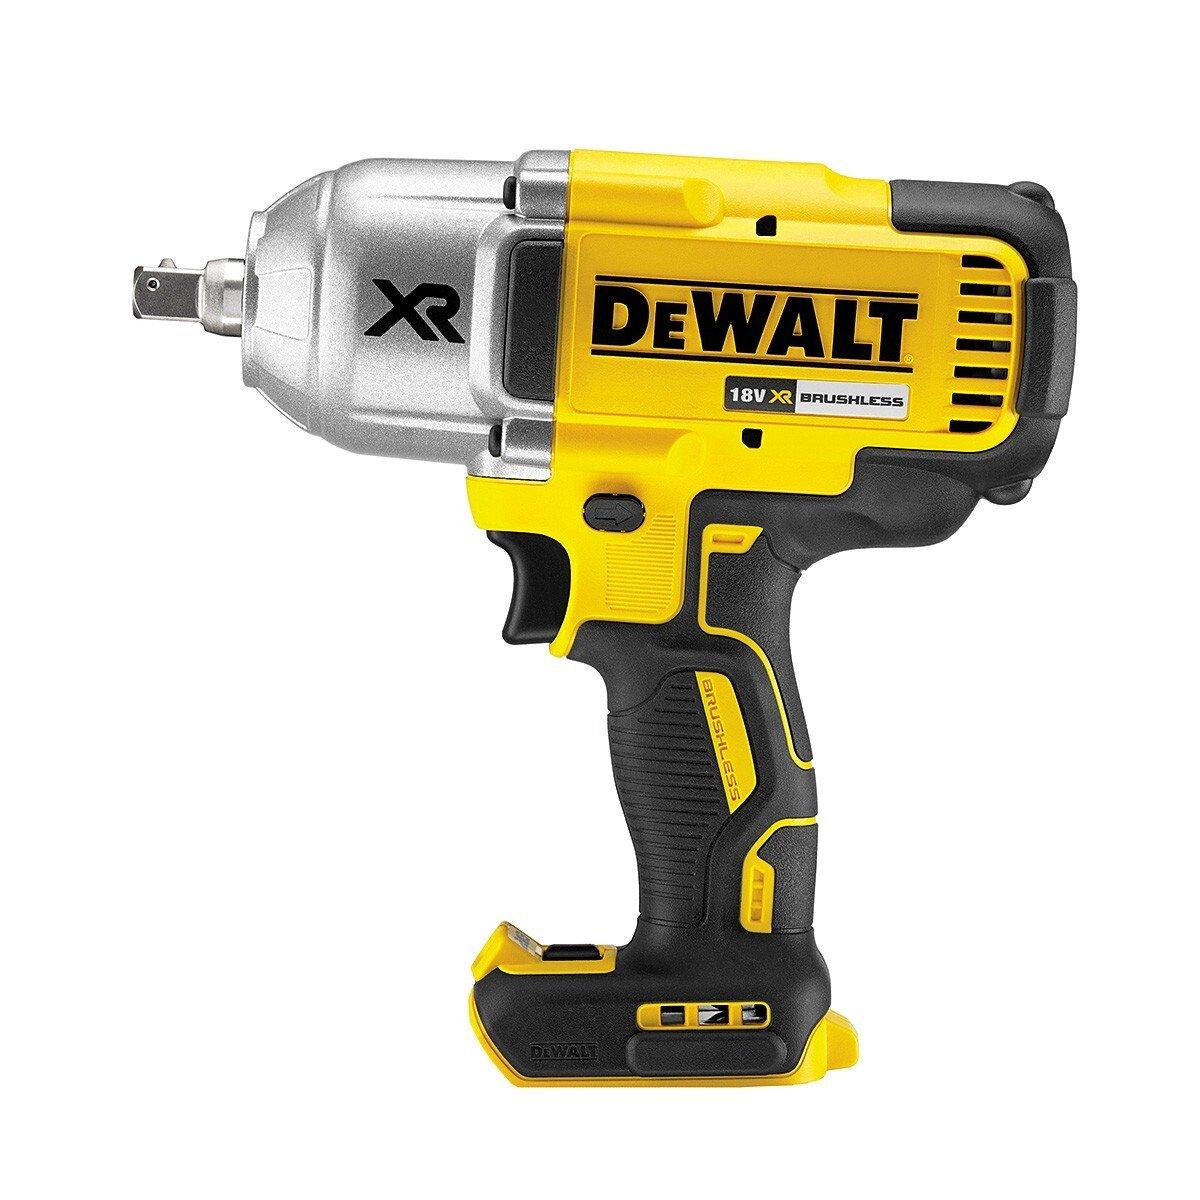 Dewalt DCF899N-XJ 18v Li-ion XR Body Only High Torque Impact Wrench